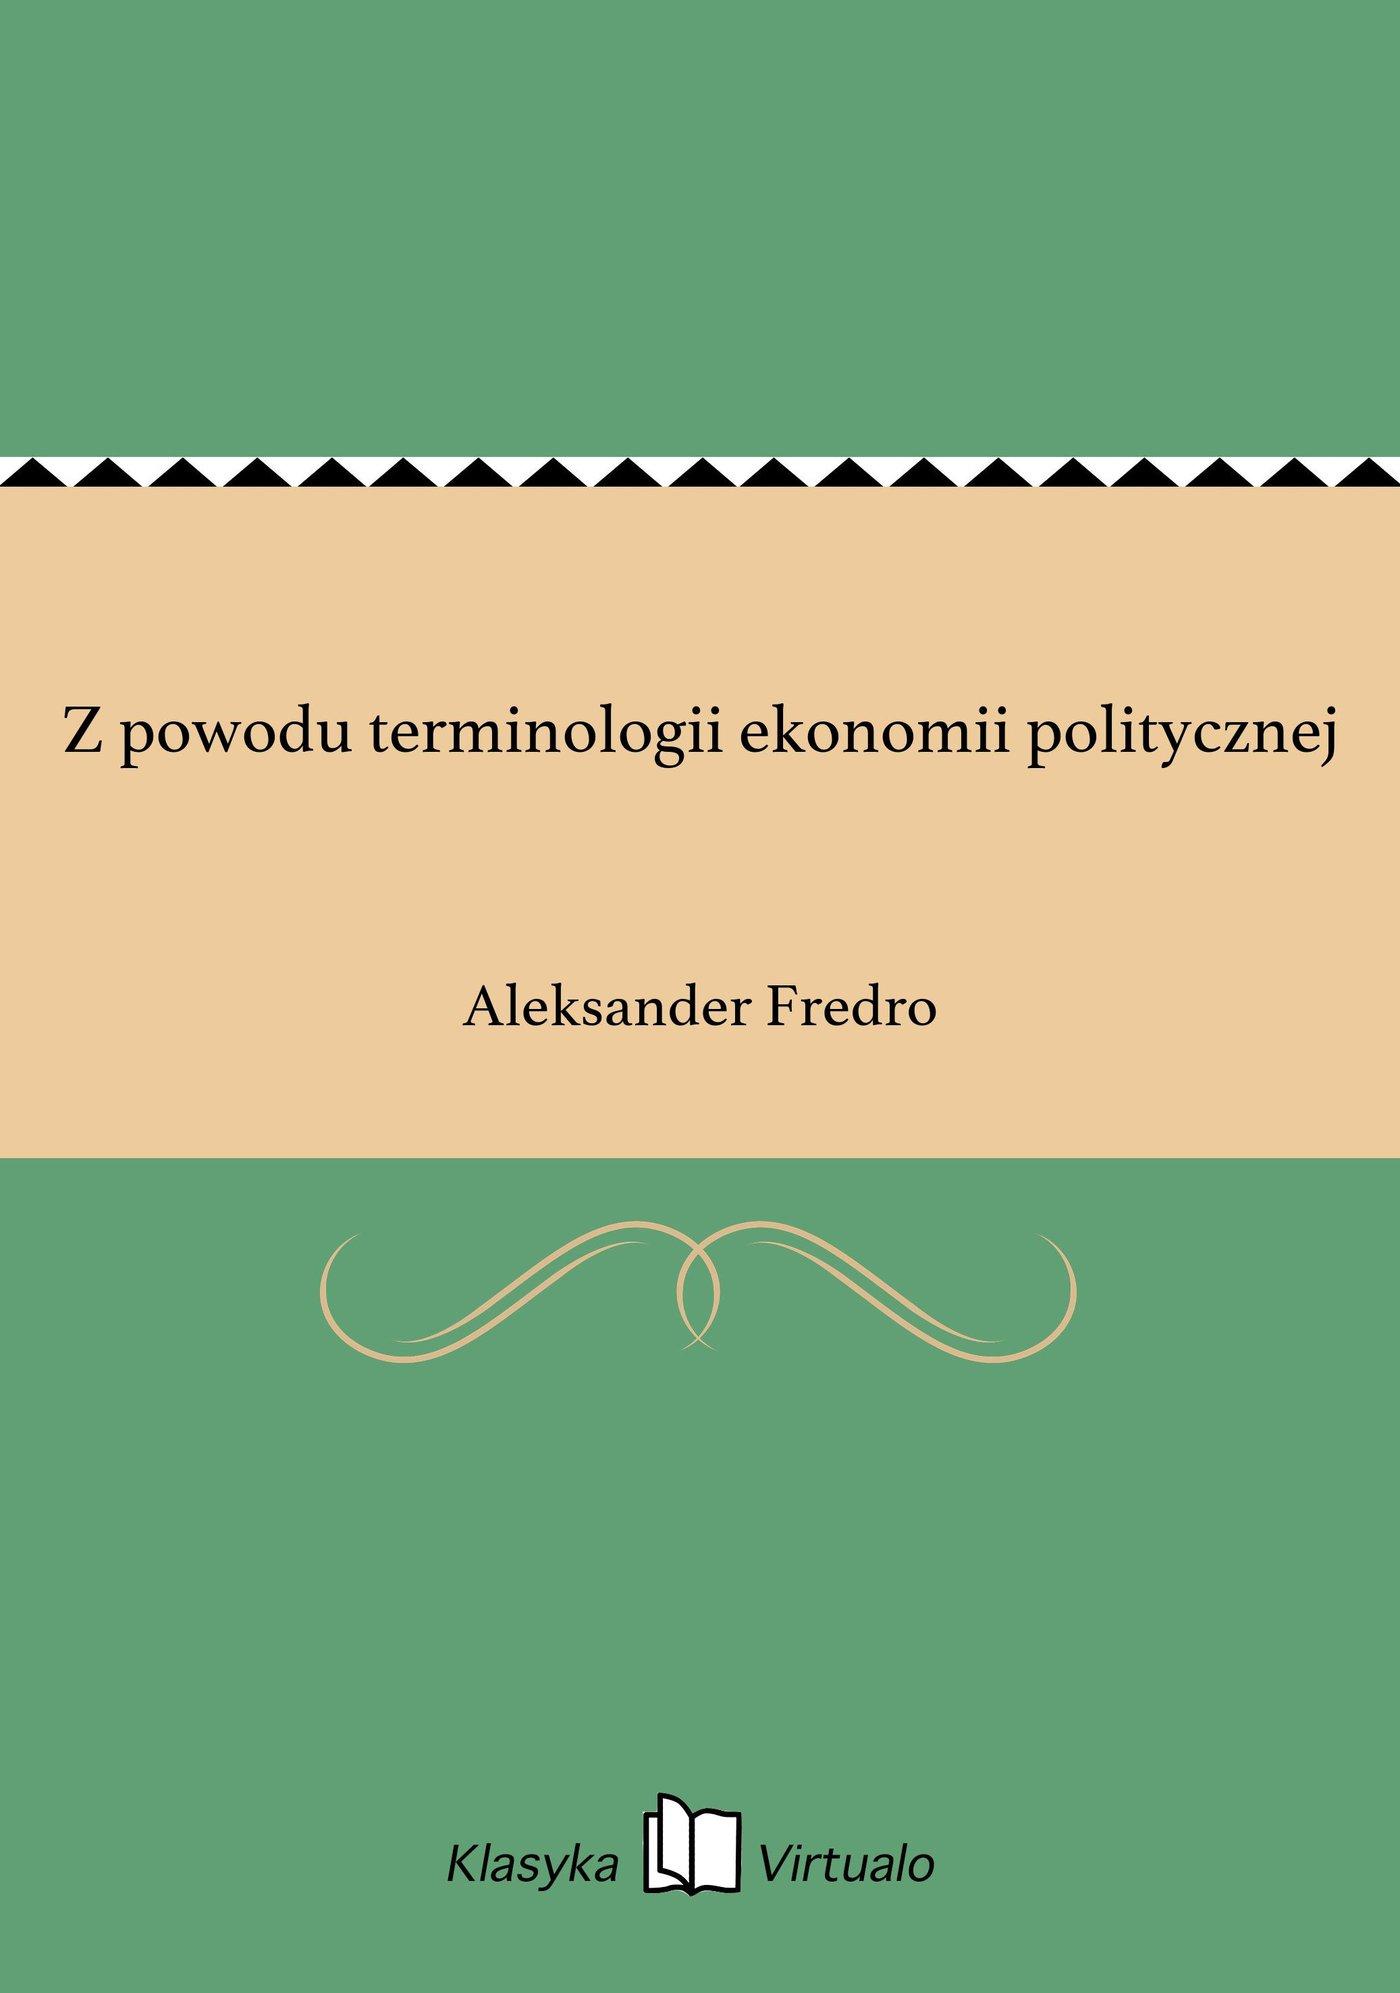 Z powodu terminologii ekonomii politycznej - Ebook (Książka EPUB) do pobrania w formacie EPUB